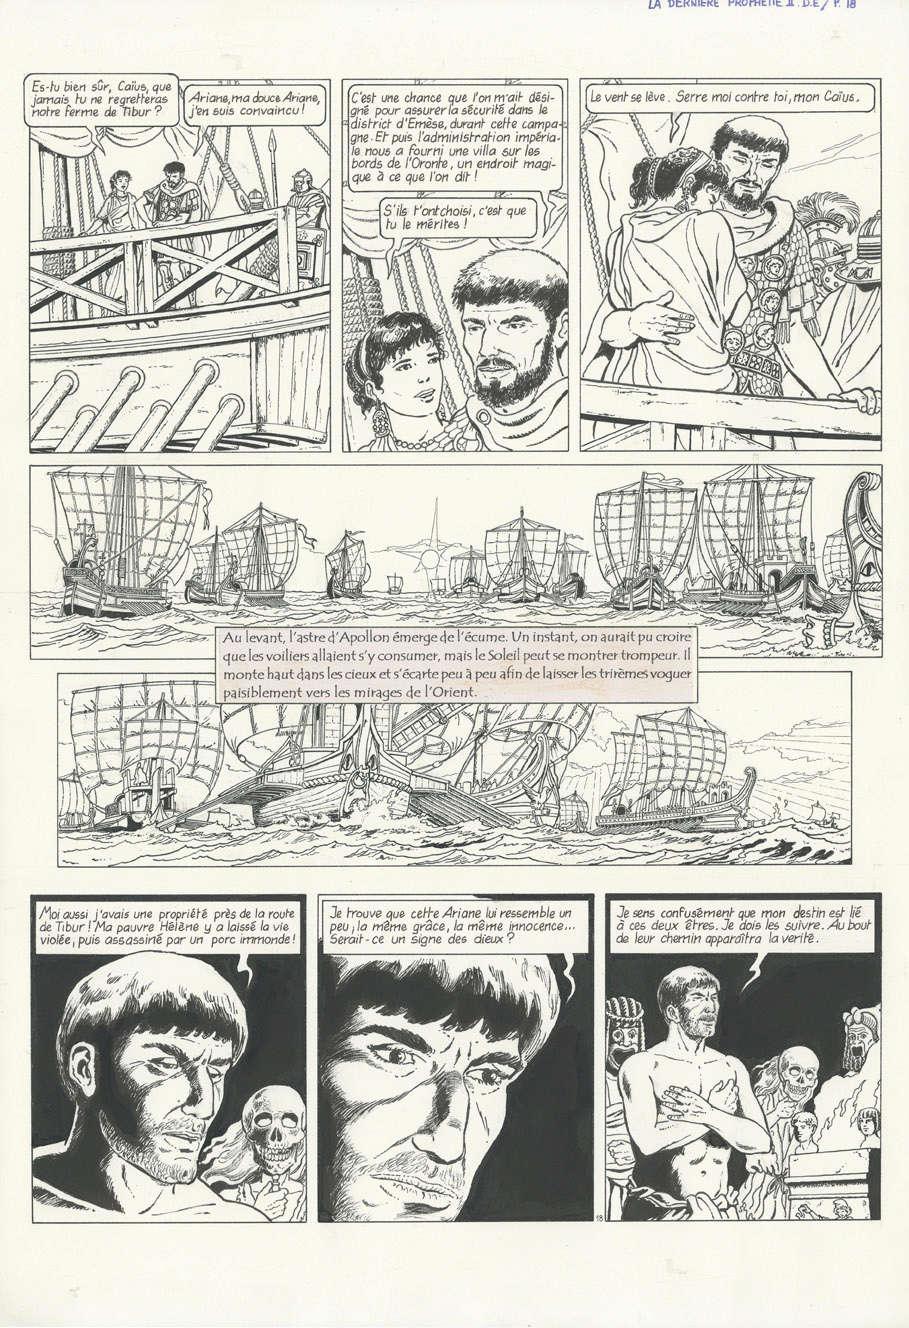 La Dernière Prophétie de Gilles Chaillet - Page 2 Chaill26